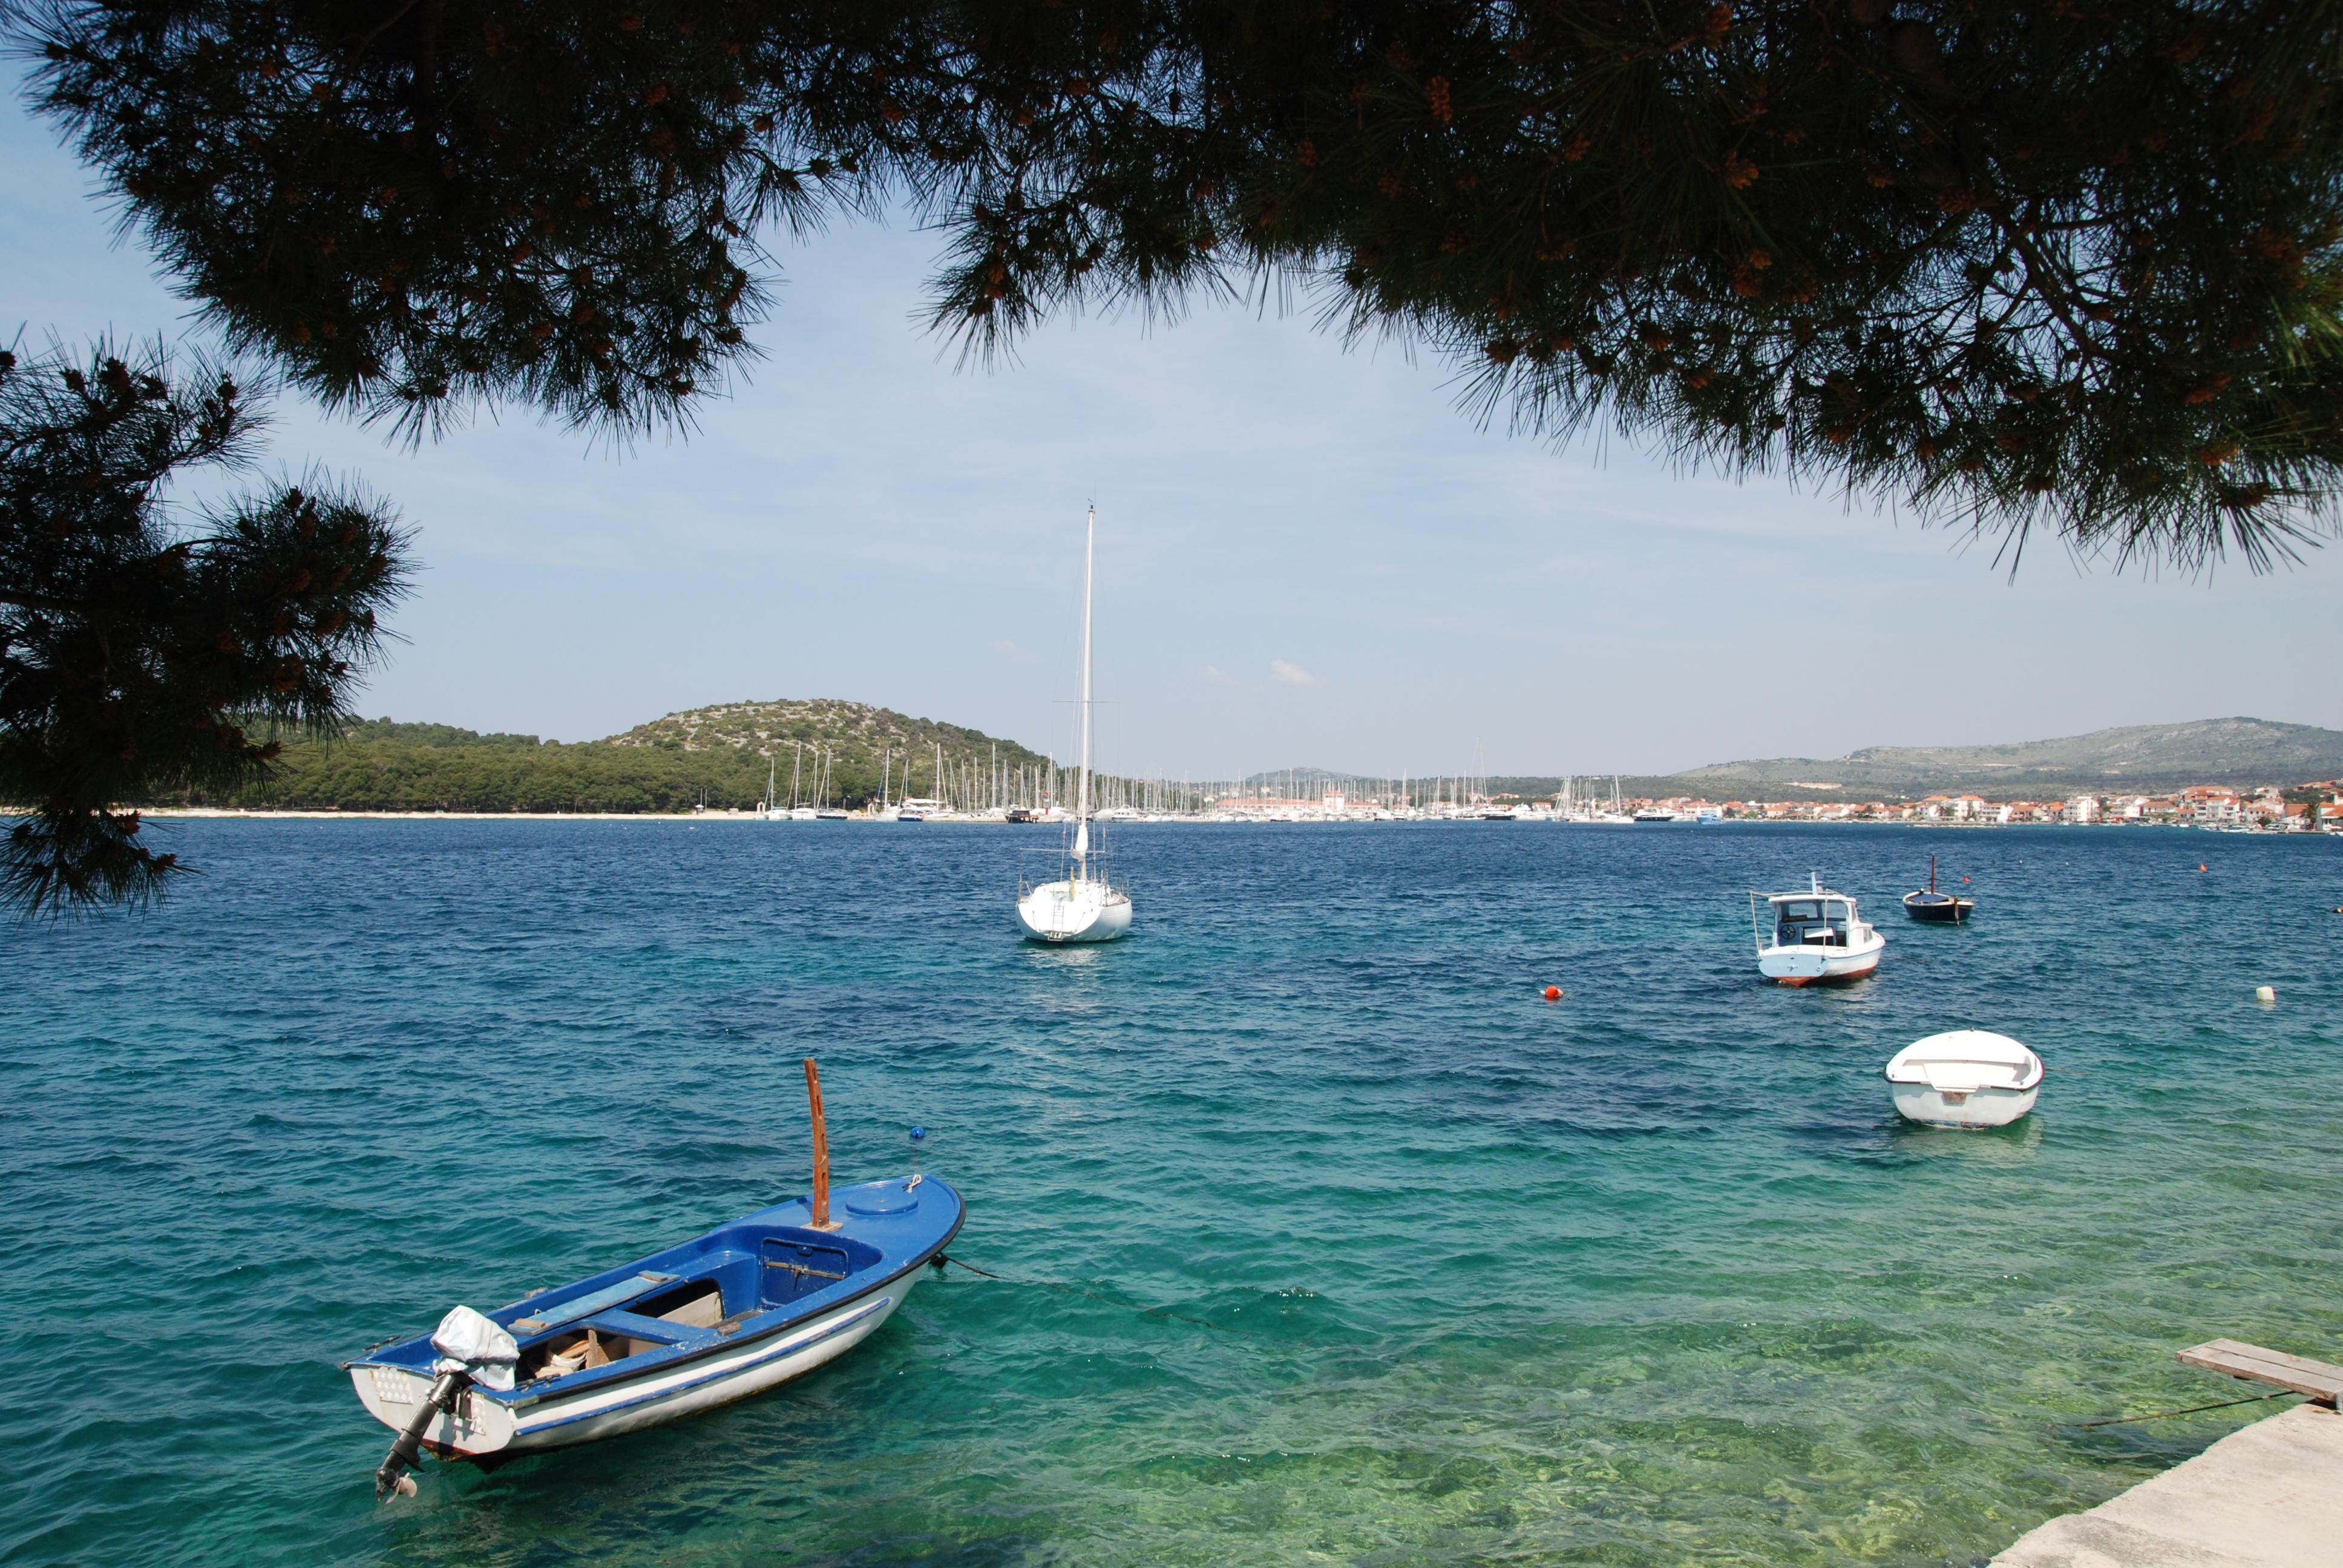 Kroatien, Marina Frapa